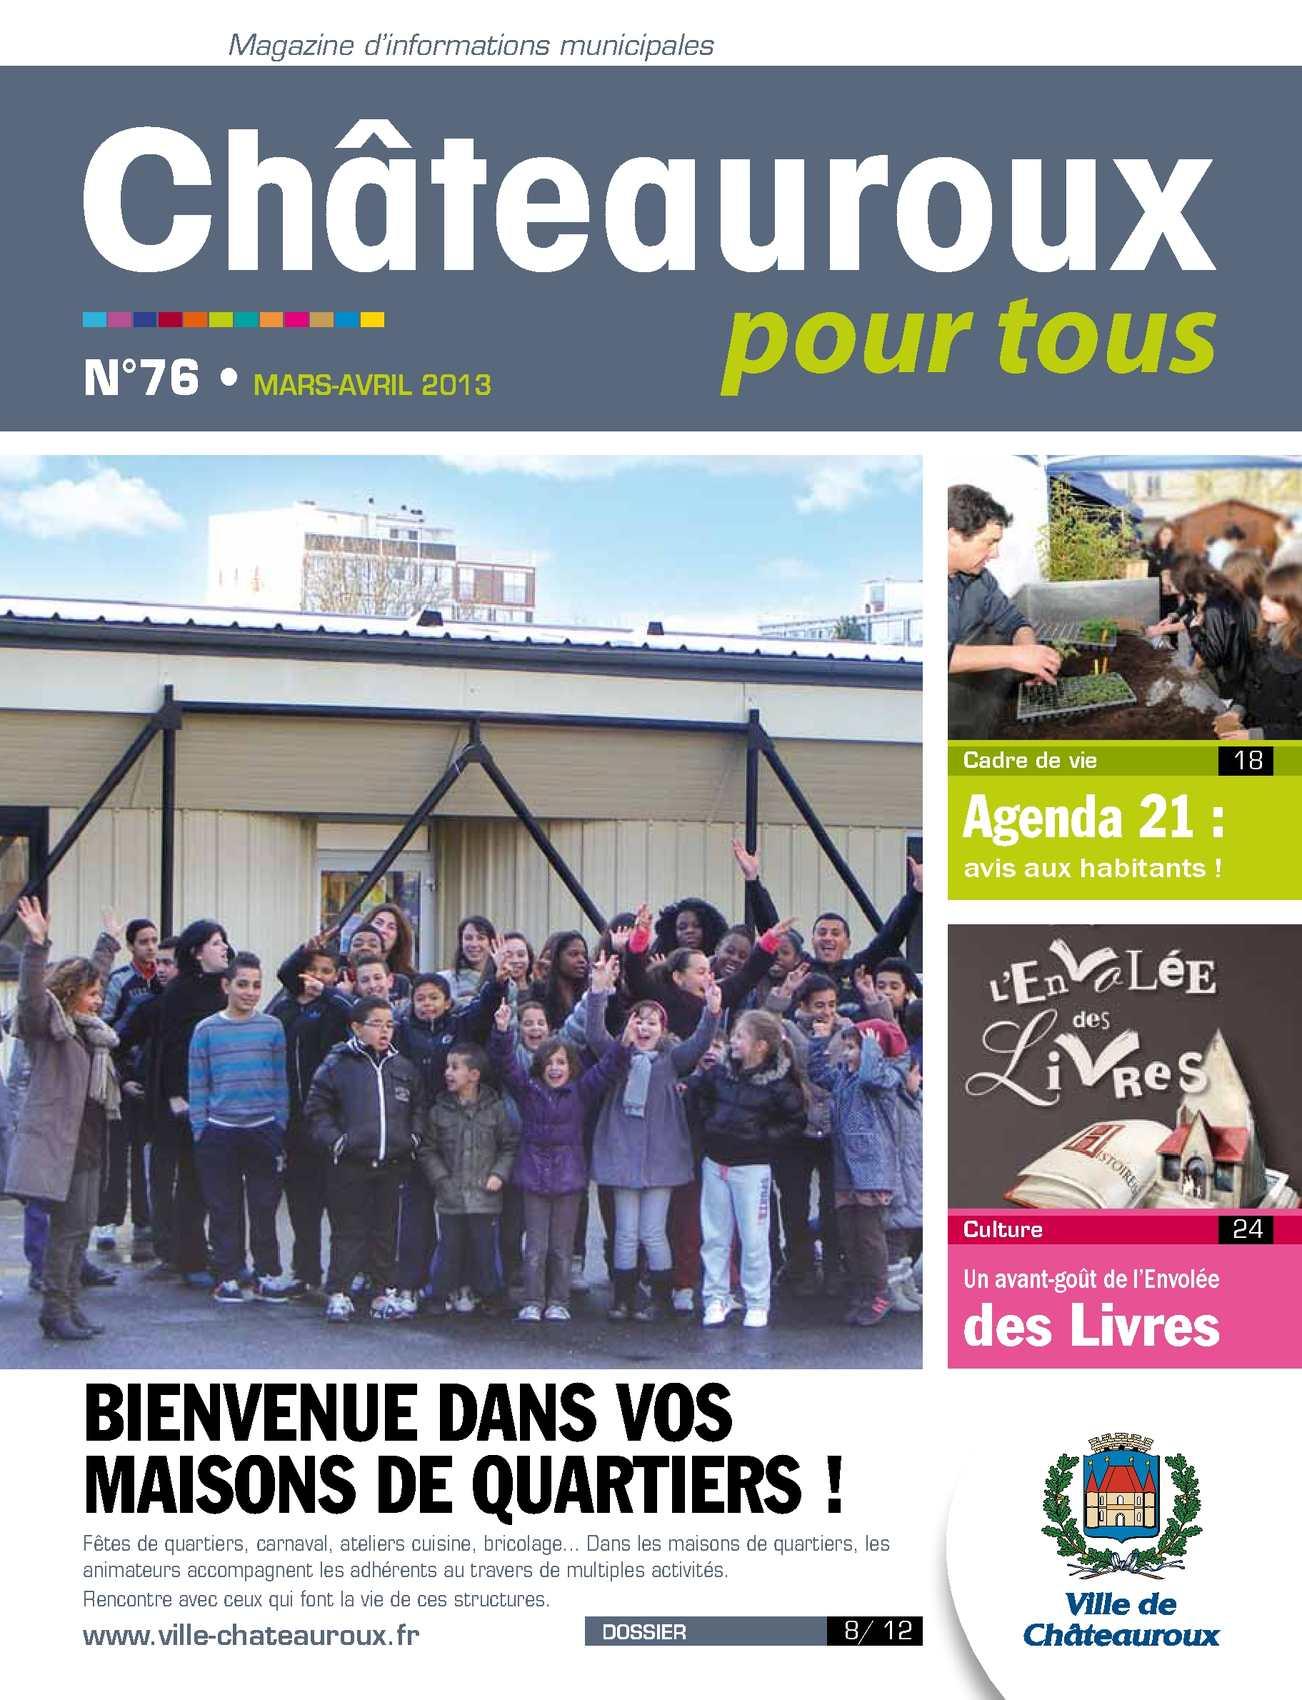 rencontre com Châteauroux